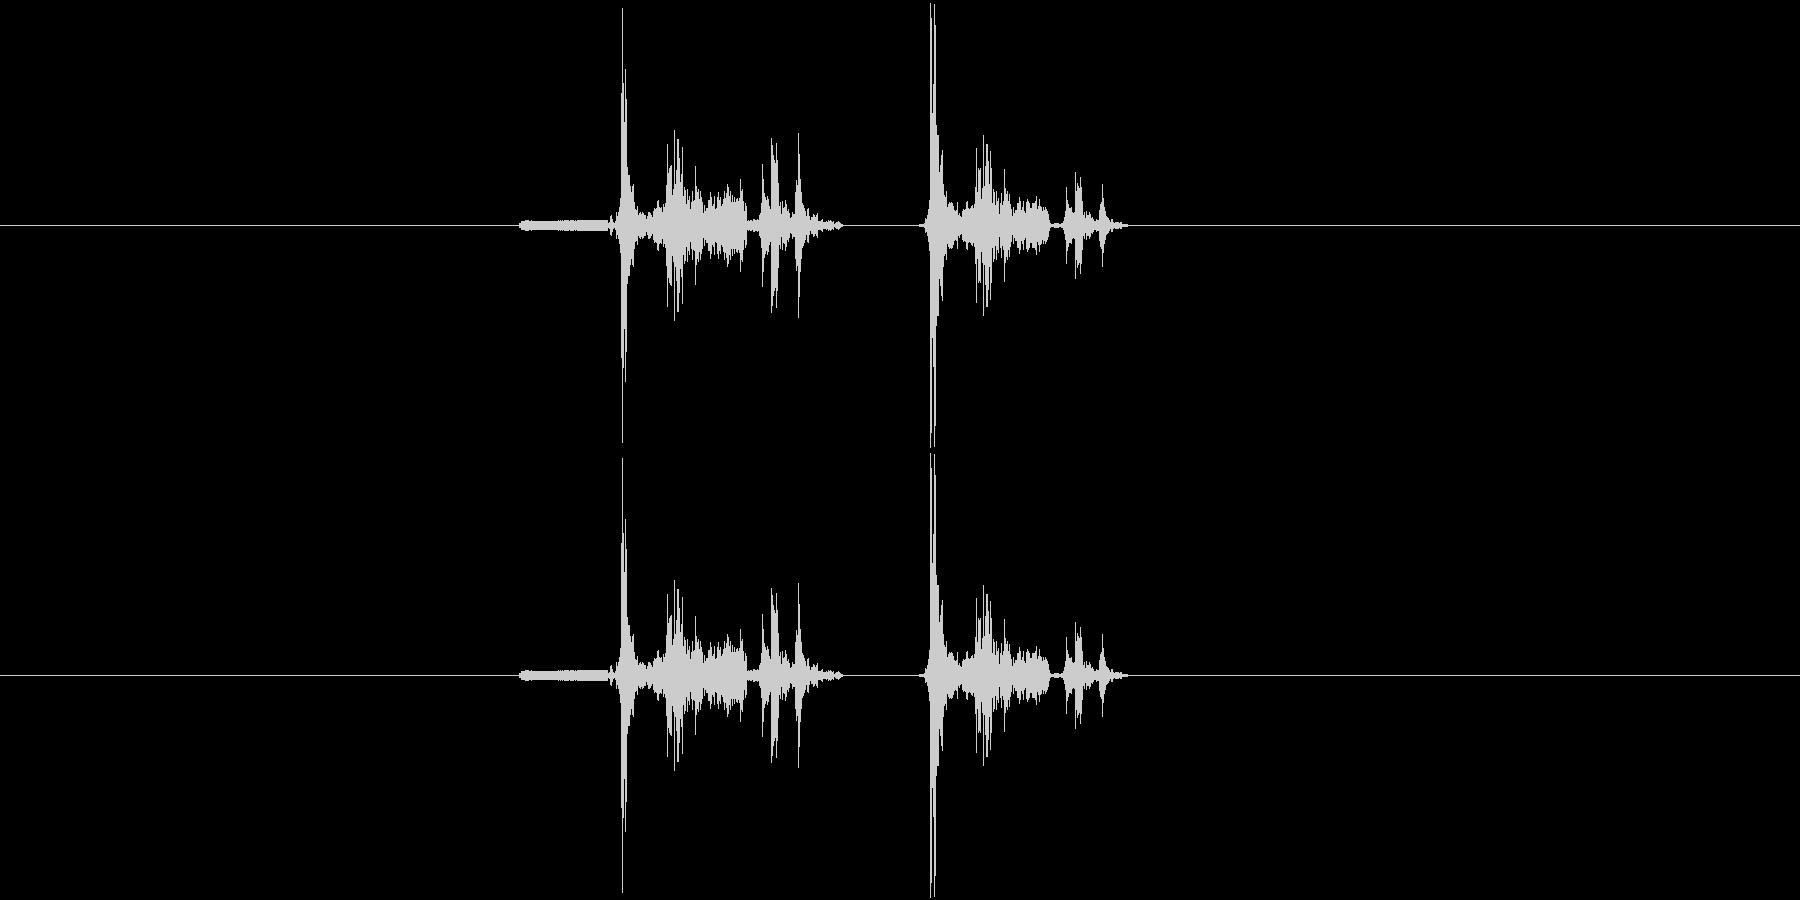 デジカメ風シャッター音_03の未再生の波形